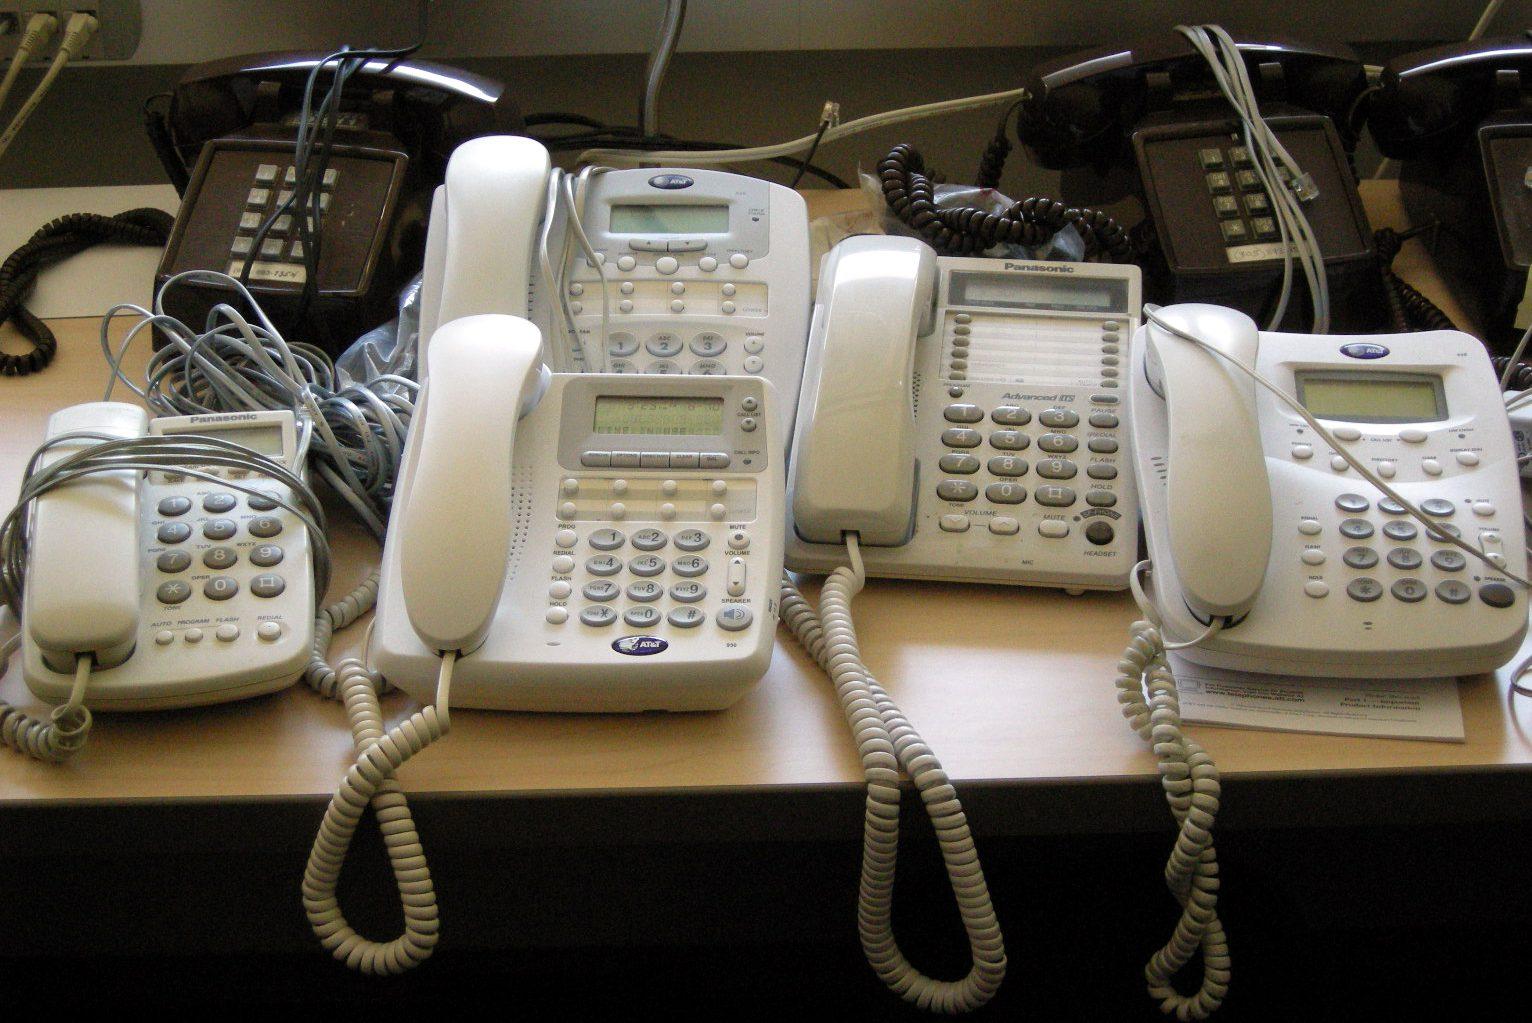 中古ビジネスフォンとは